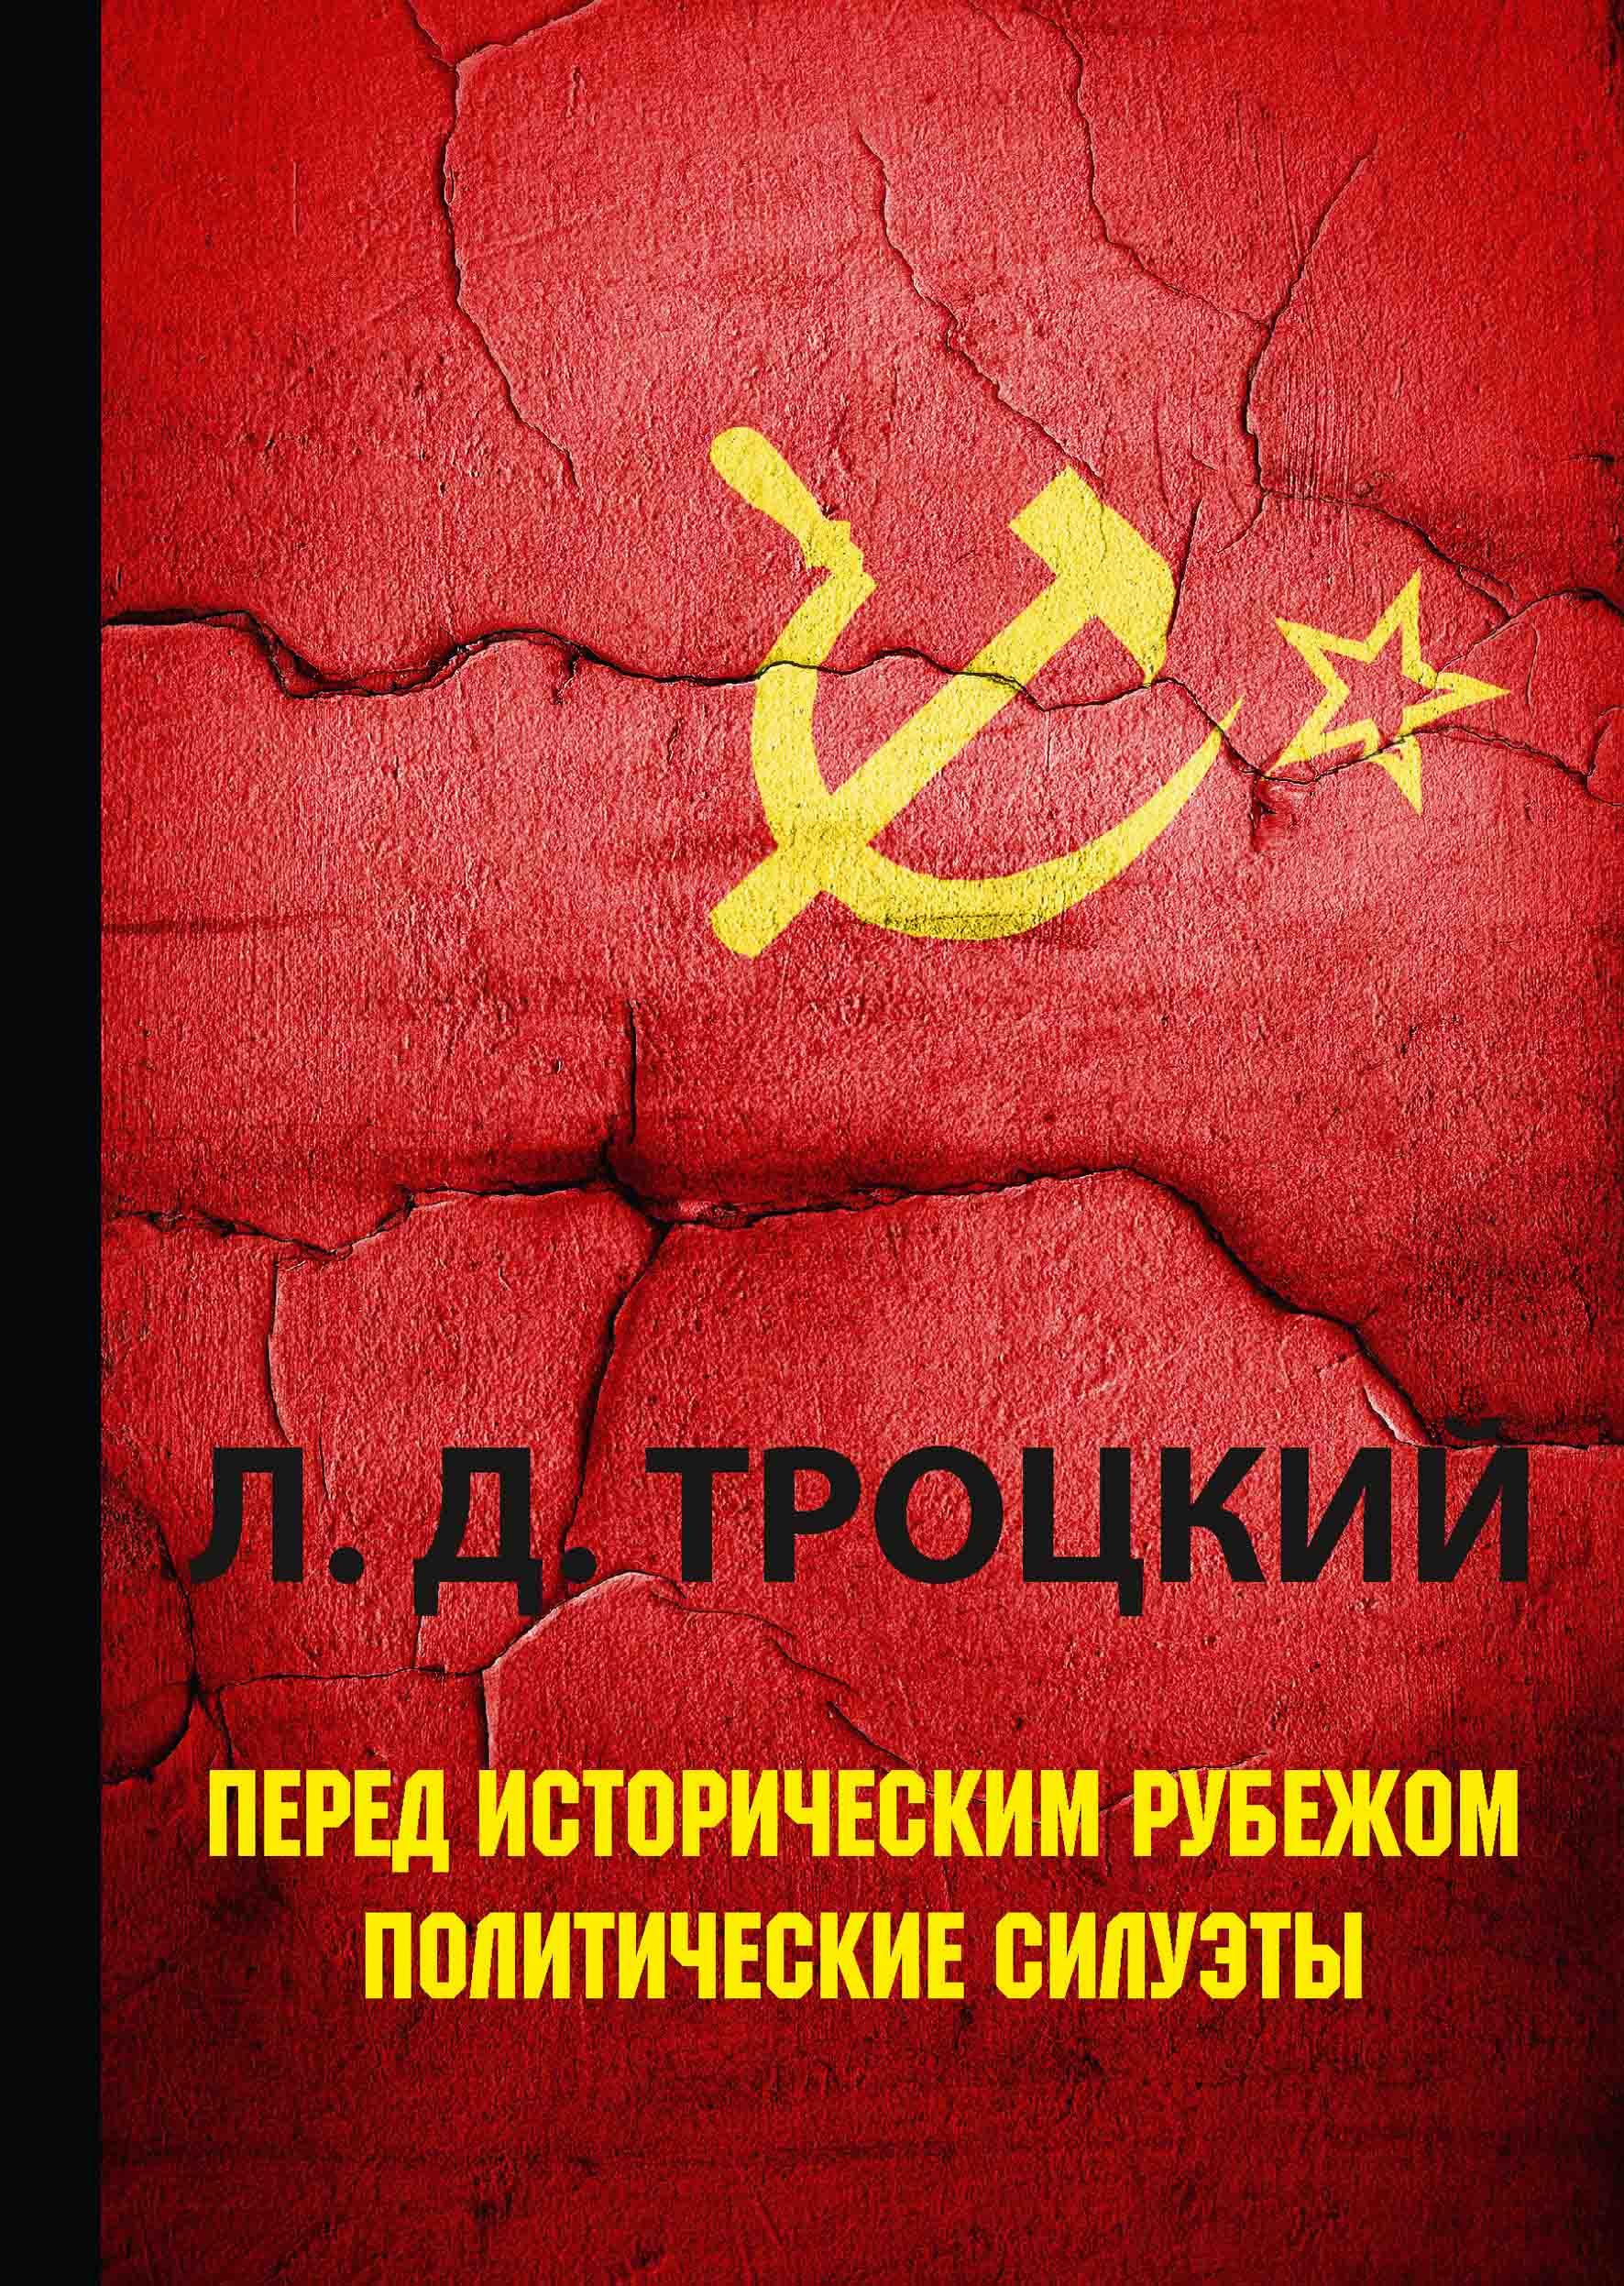 Л. Д. Троцкий Перед историческим рубежом. Политические силуэты